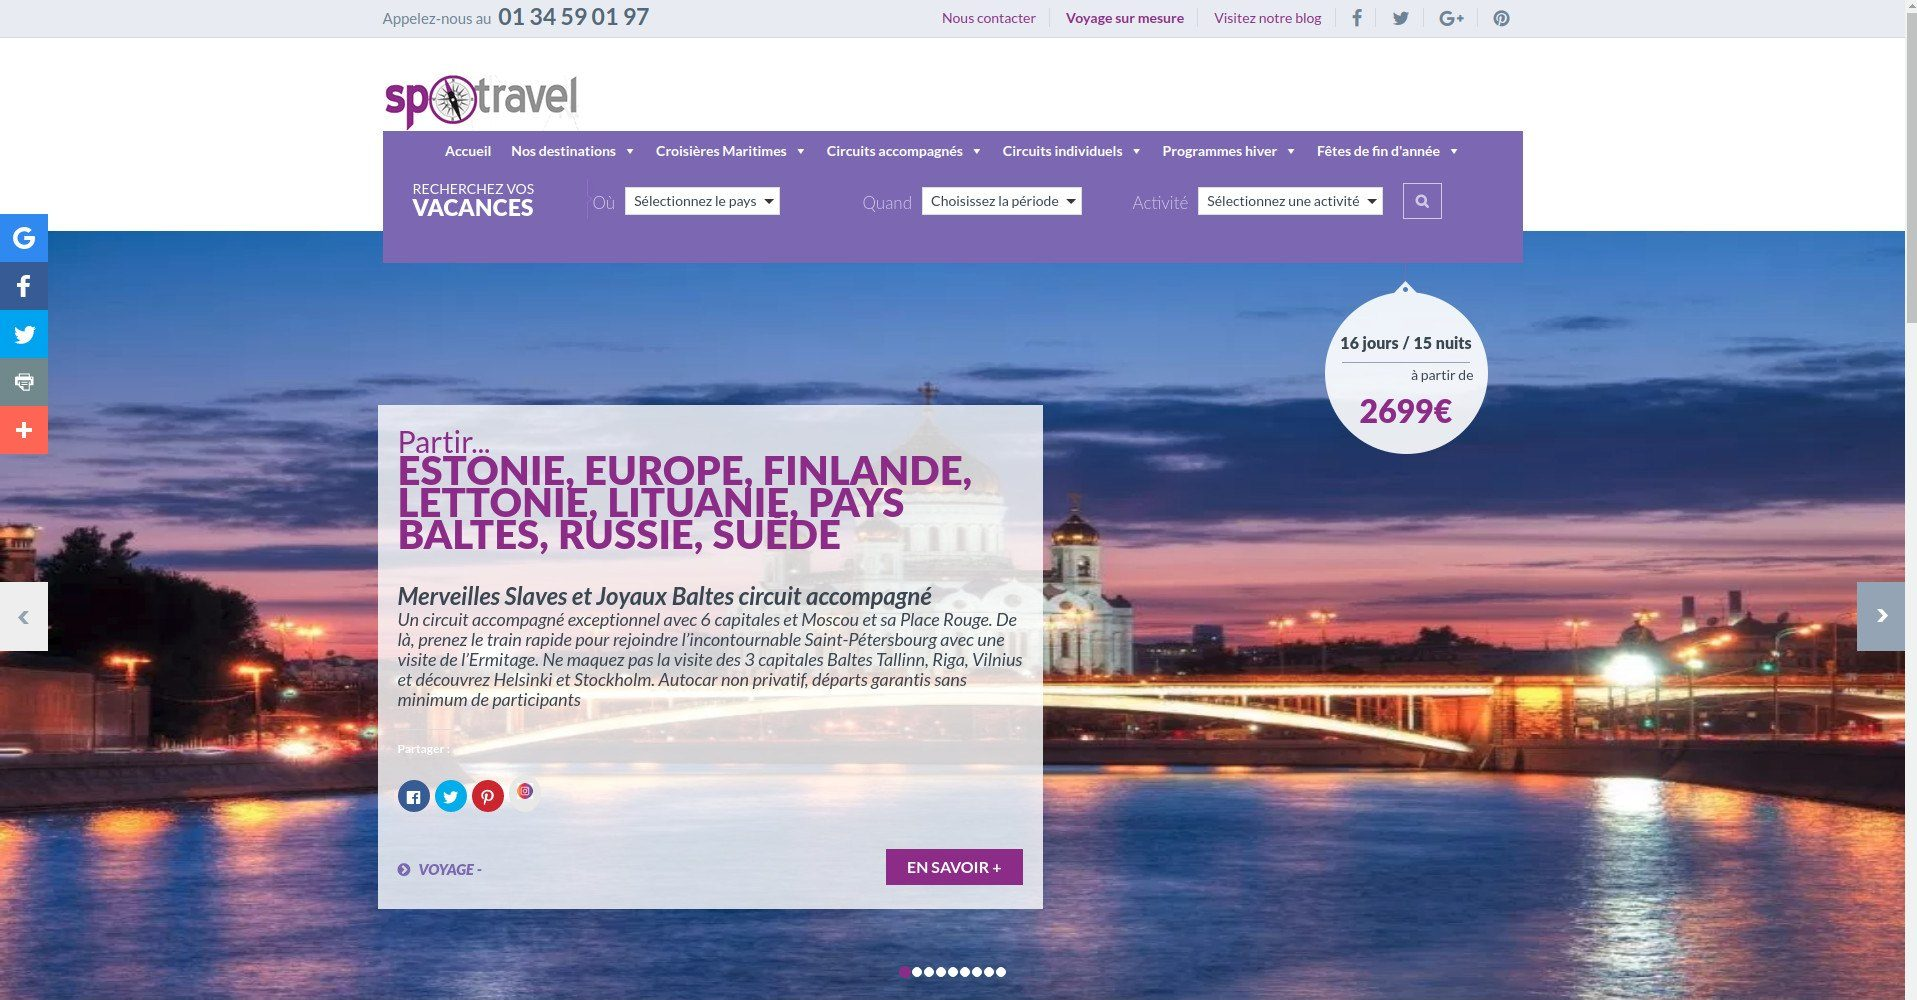 spotravel.com - ThivInfo